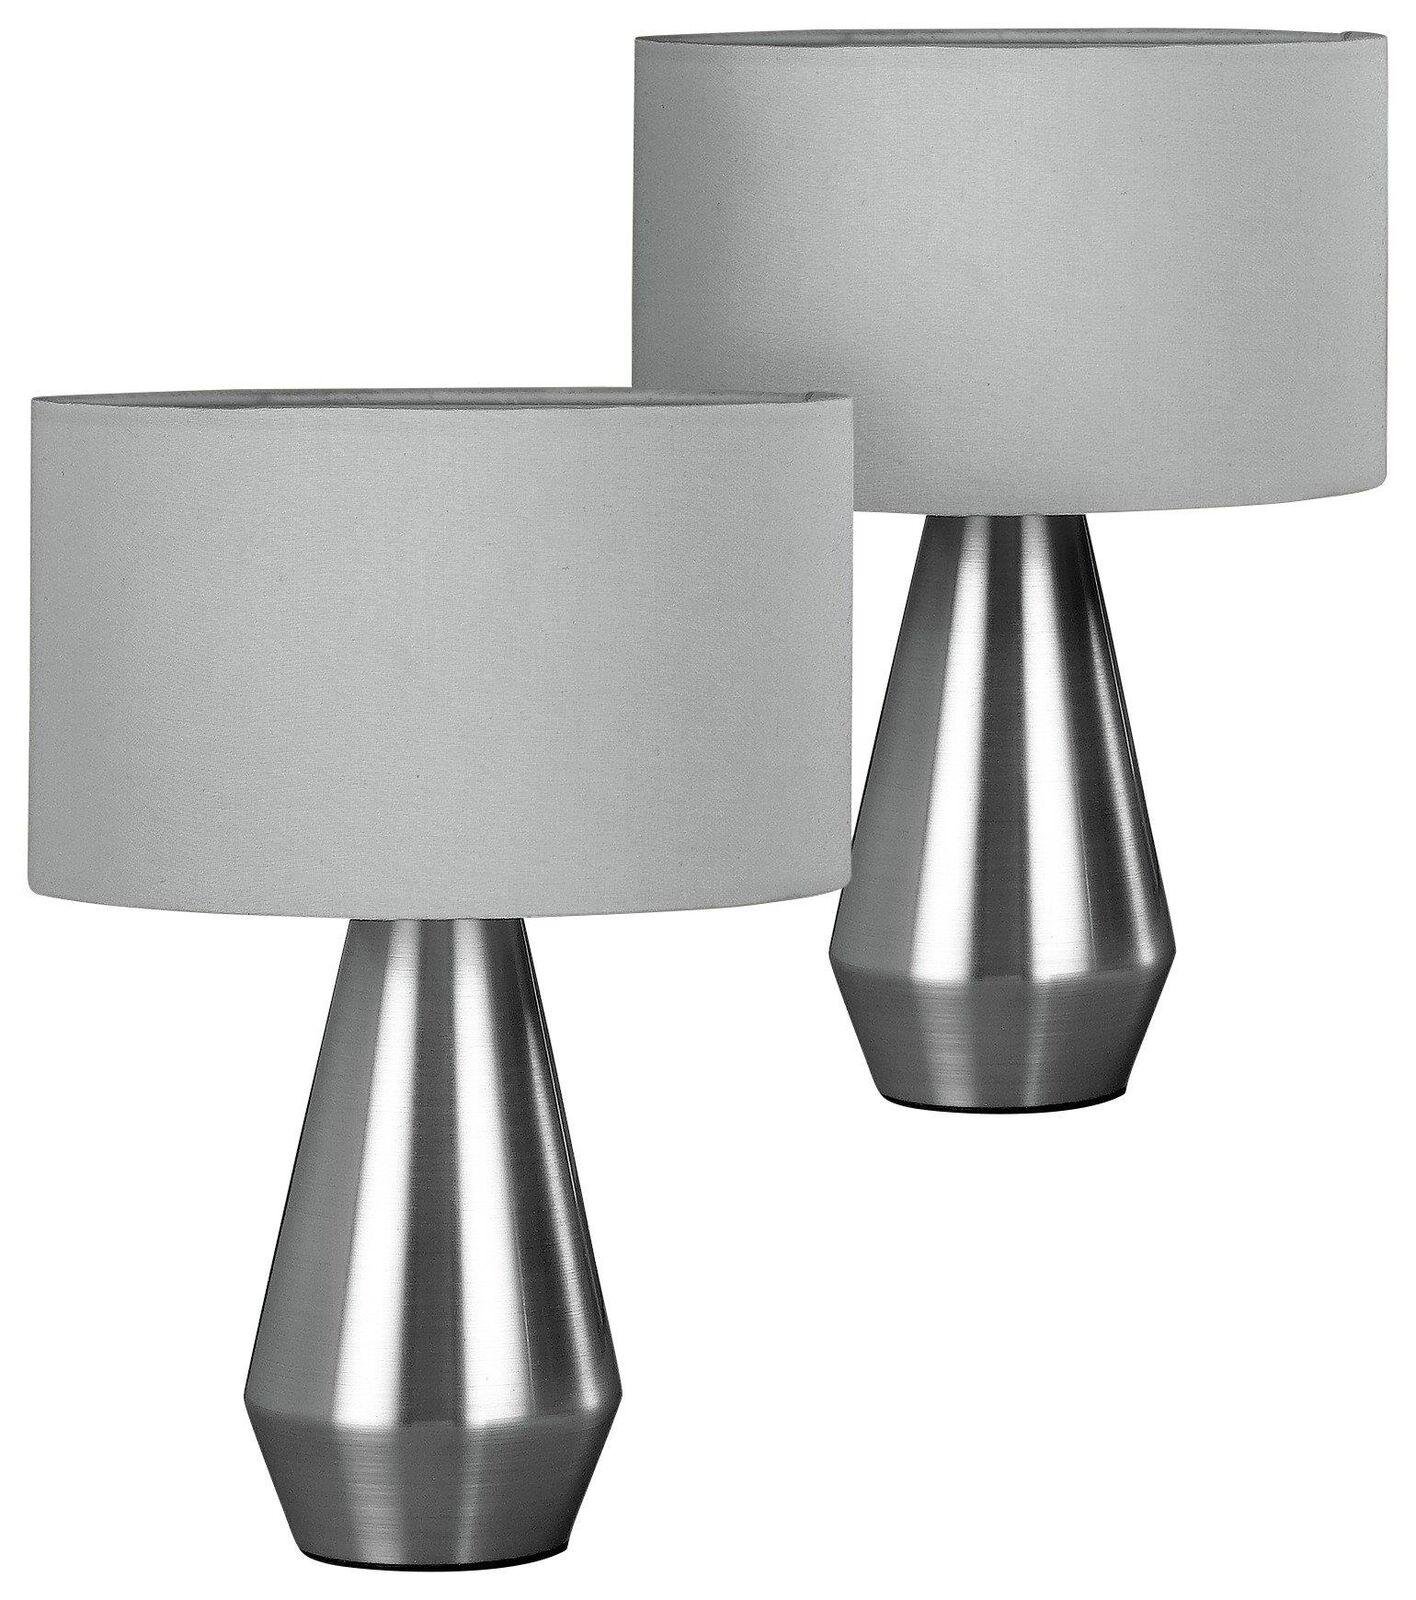 2 X Nuova Lampada da tavolo Touch Premium Arredonnato Moderno da comodino scrivania dimmer LED Lounge